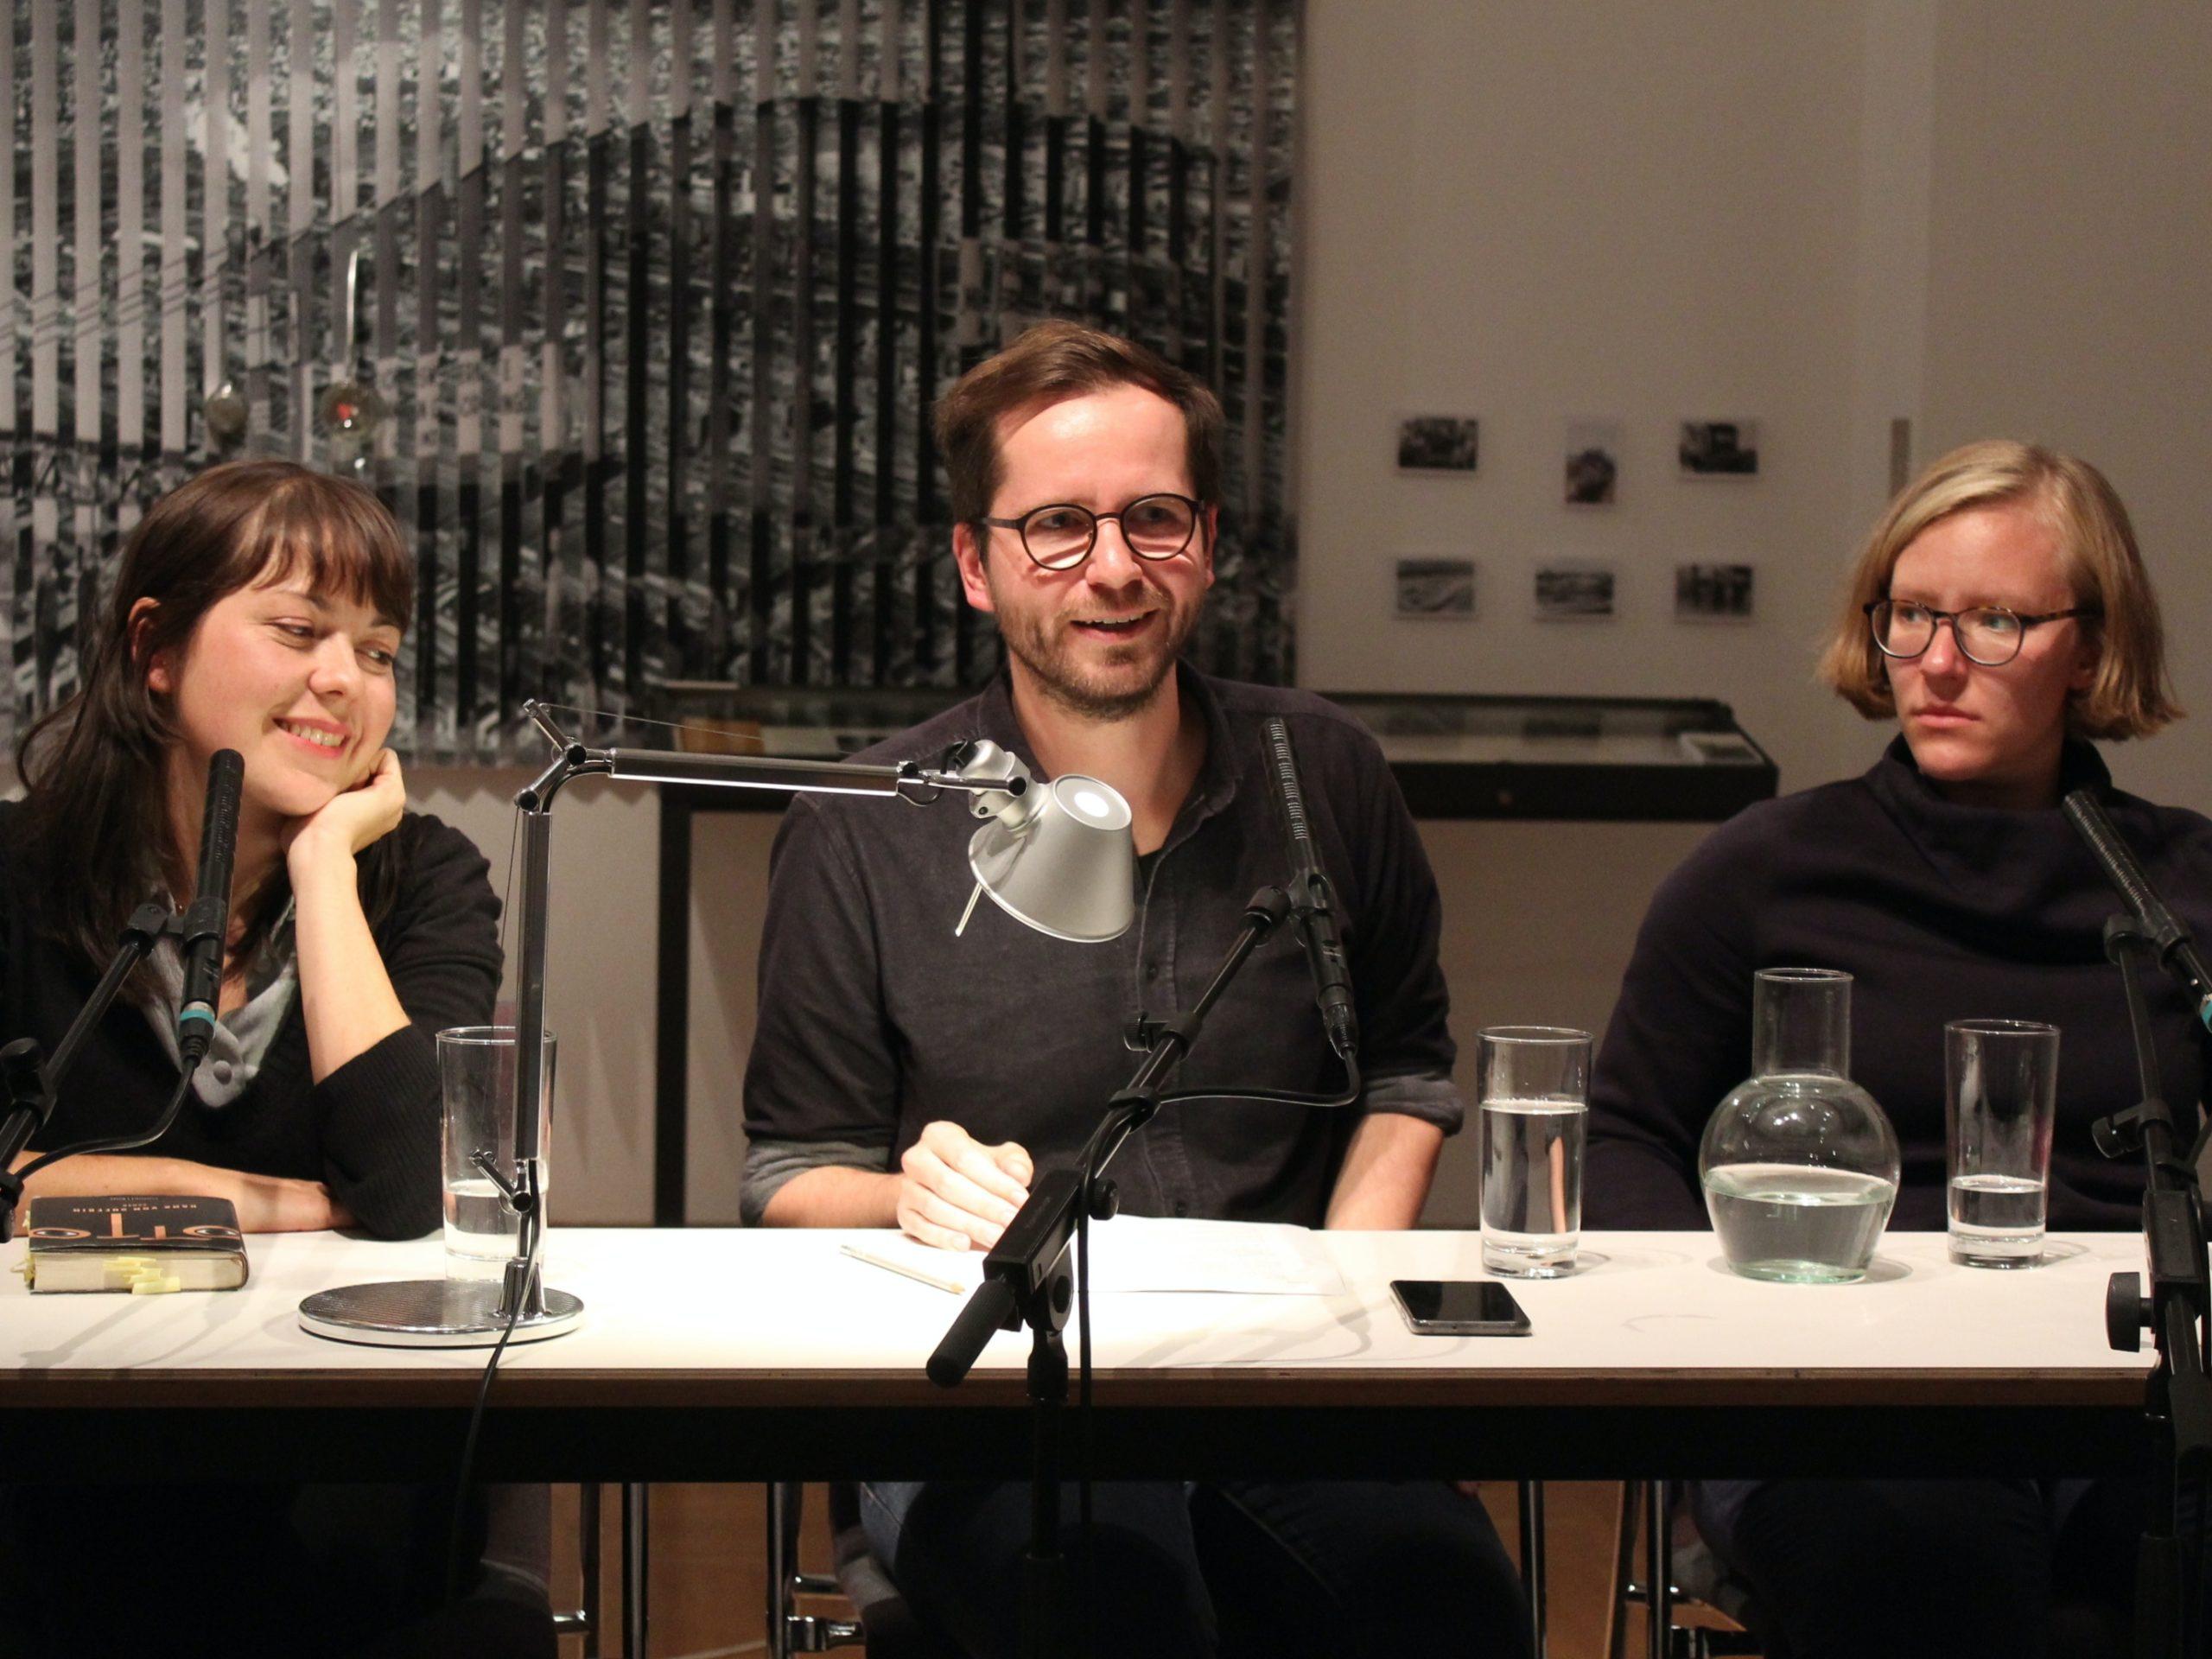 Tino Schlench - Literaturpalast - Stifterhaus Linz Lesung (Vorschaubild)